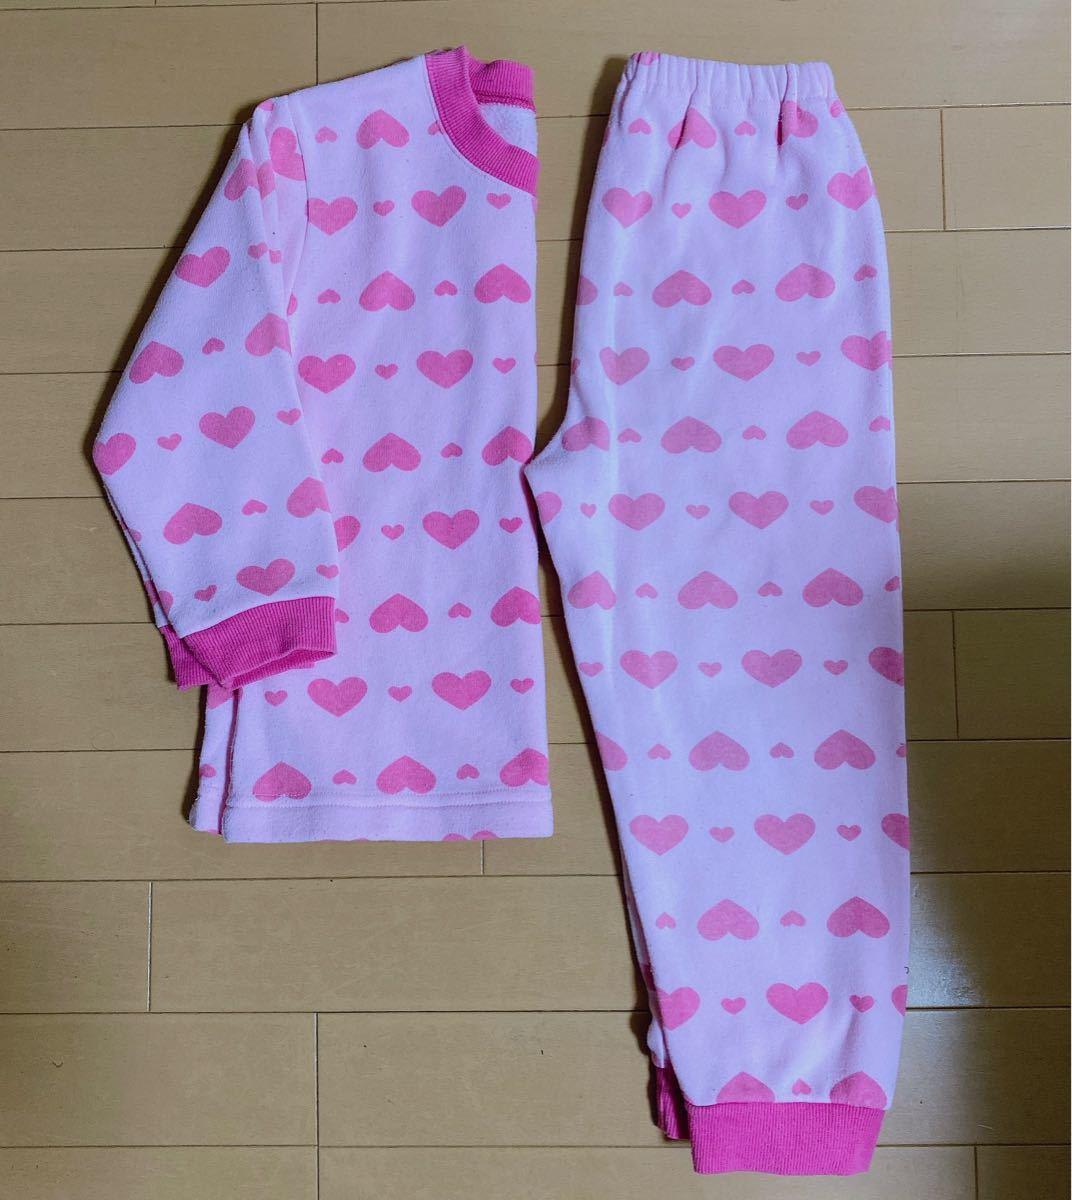 長袖パジャマ上下 110サイズ